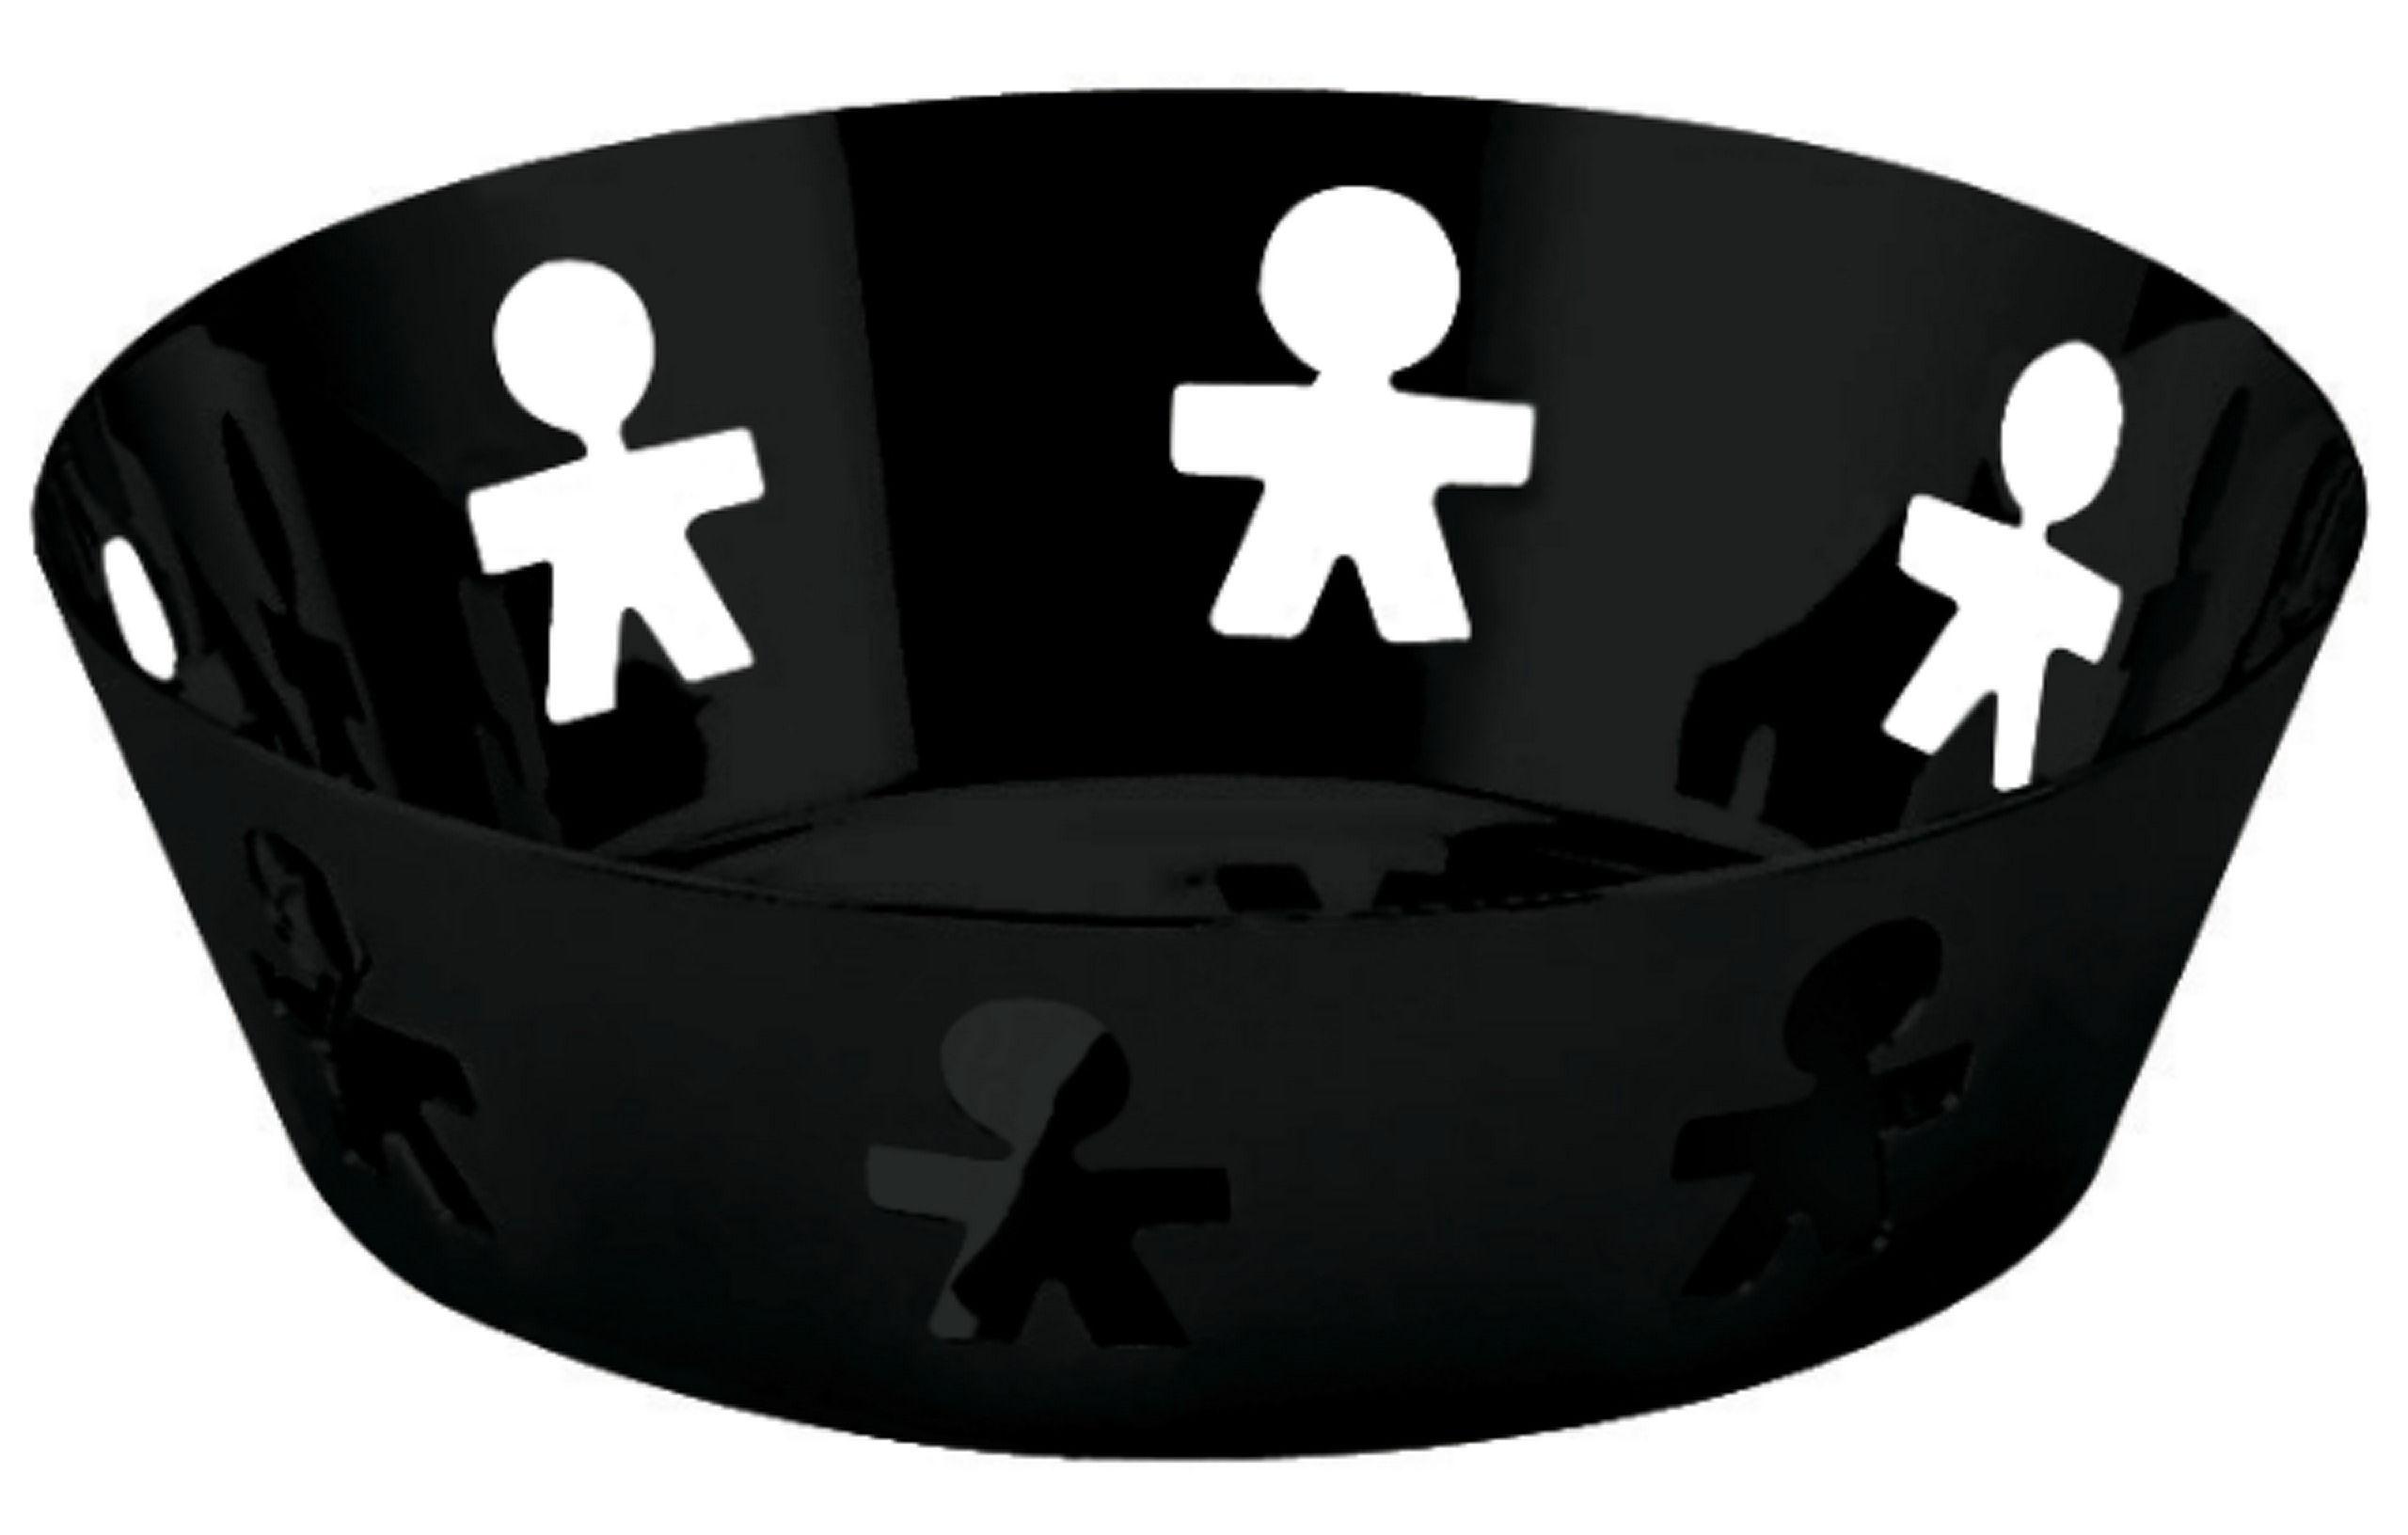 Cesto girotondo a di alessi nero 18 1 cm h 5 4 x 18 made in design - Accessori bagno alessi ...